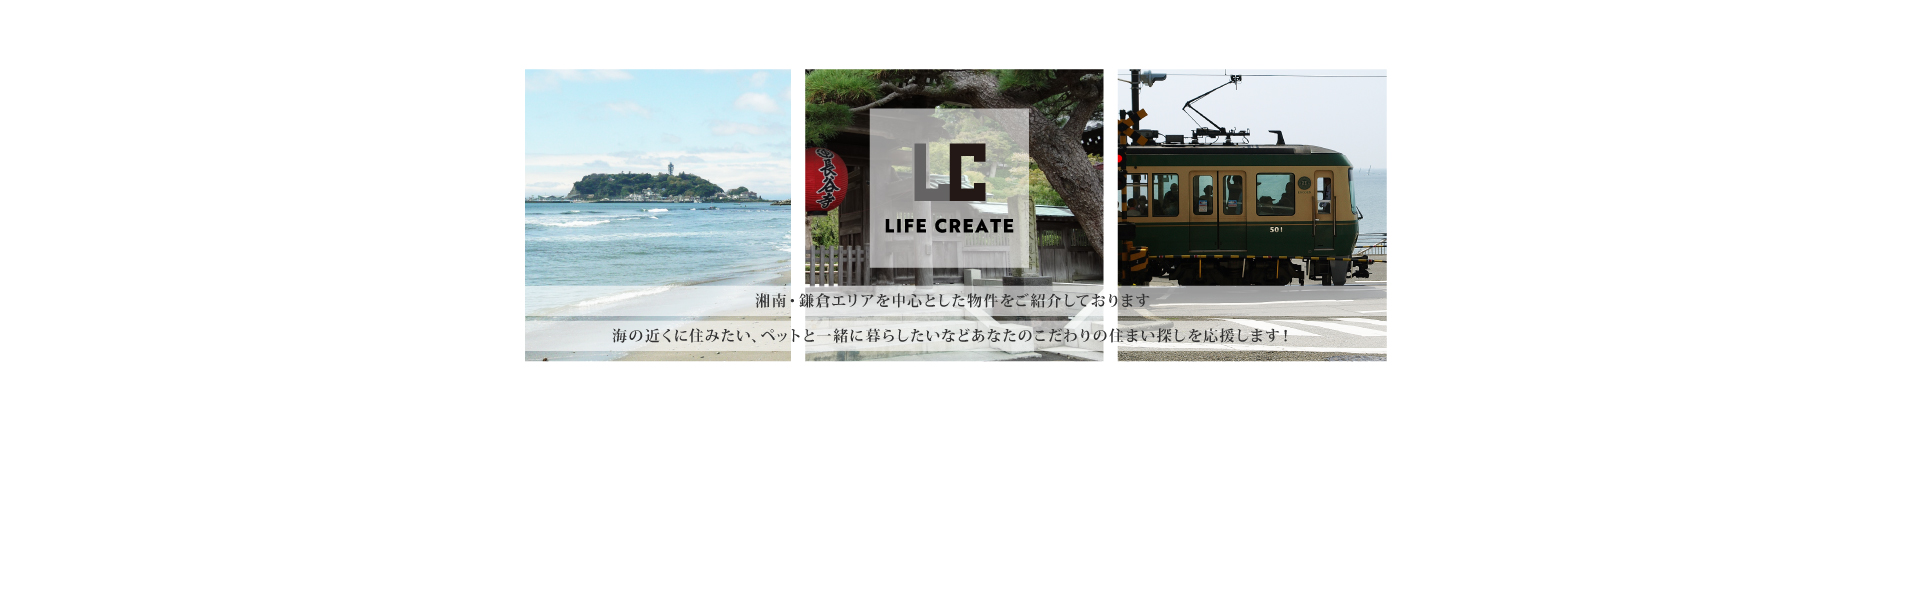 湘南・鎌倉市周辺の新築戸建物件 不動産情報は「ライフクリエイト」